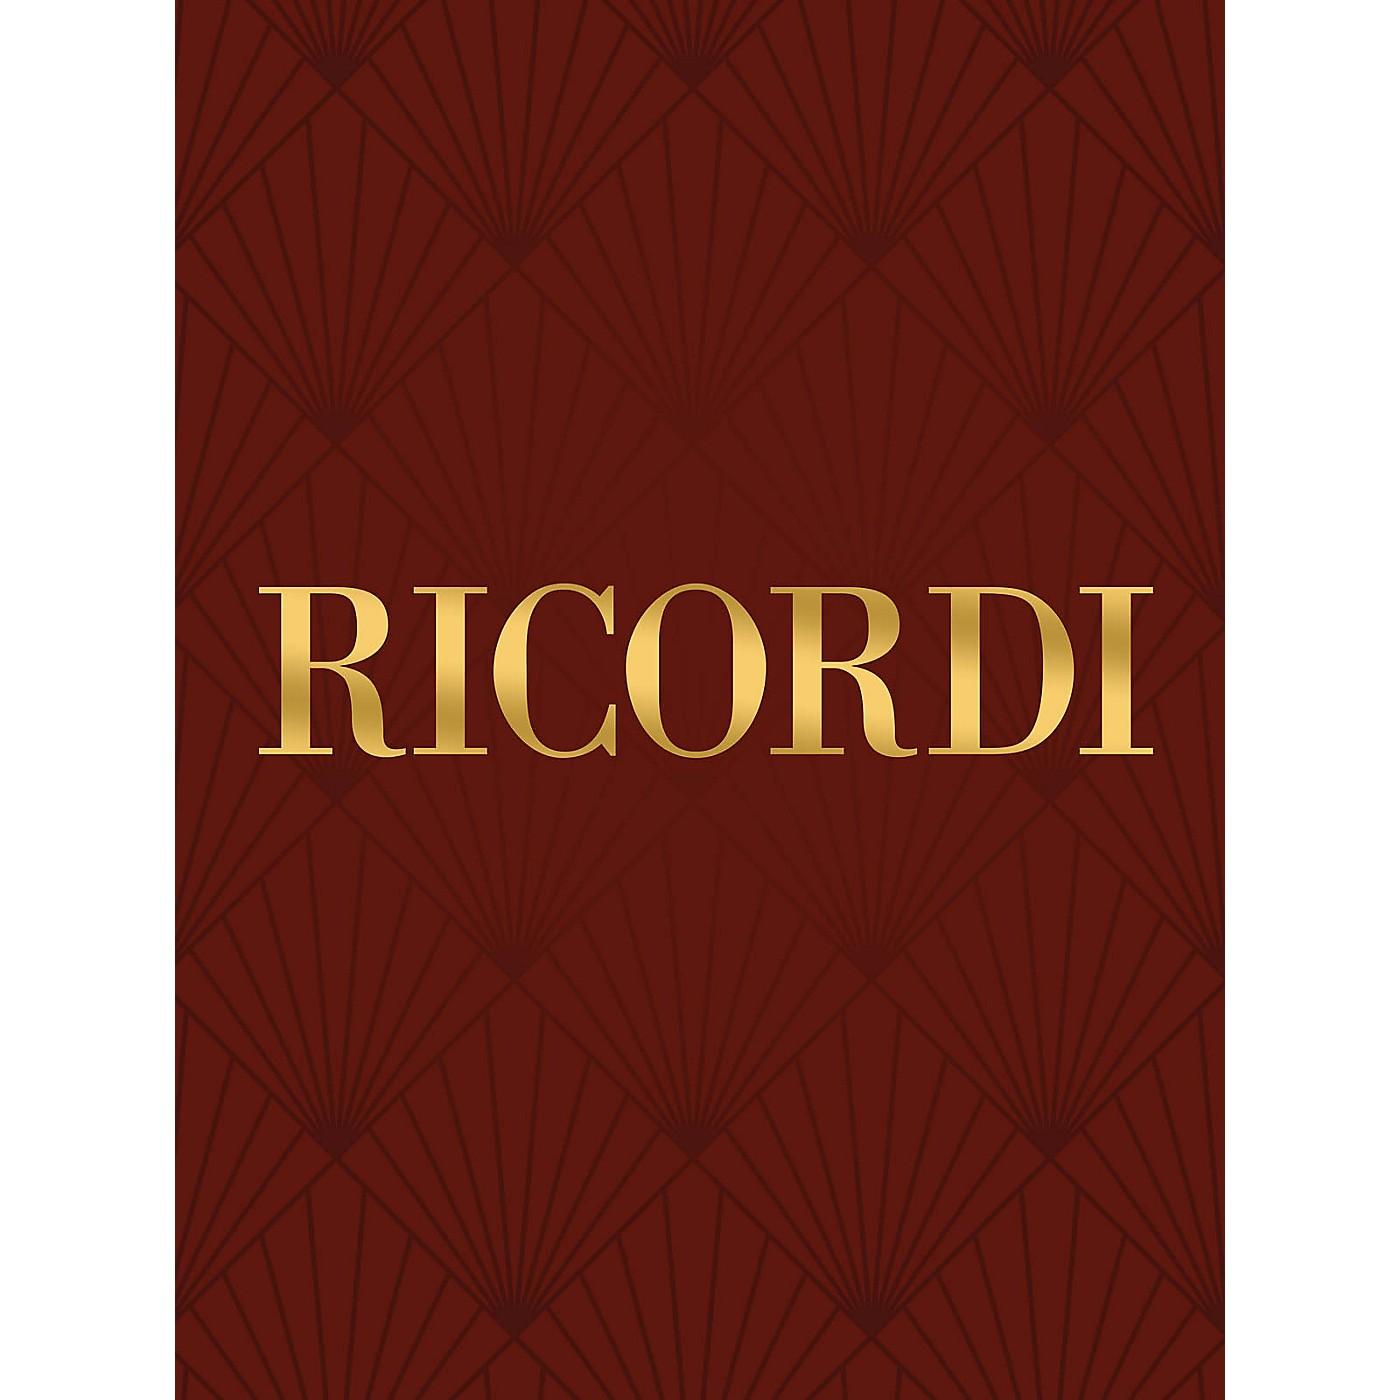 Ricordi Piccoli Preludi E Fughette Piano Short Preludes And Fugues Piano Collection By Bach Edited By Mugellini thumbnail